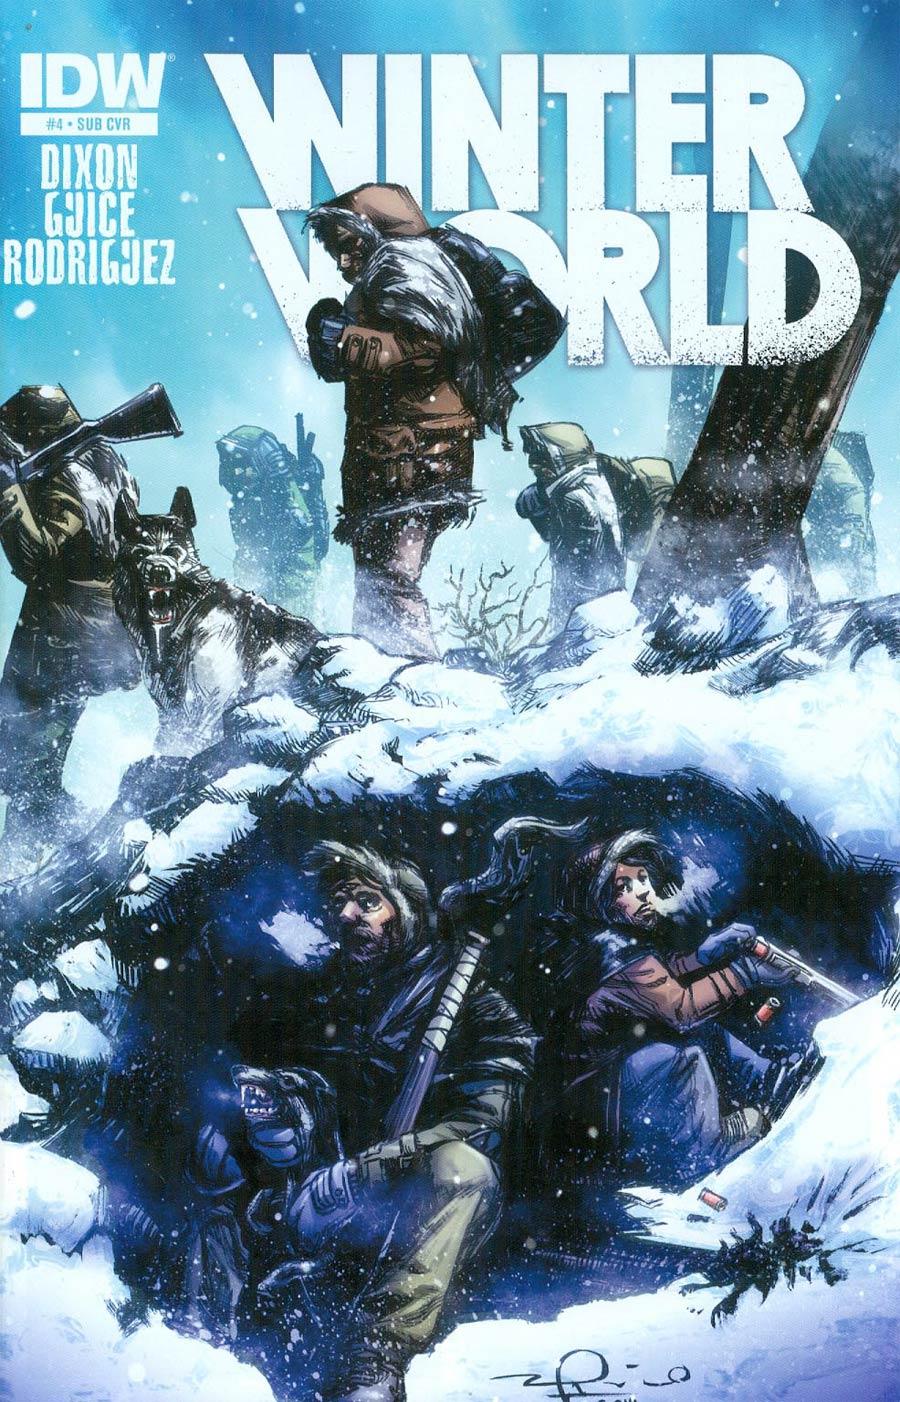 Winterworld Vol 2 #4 Cover B Variant Gerardo Zaffino Subscription Cover